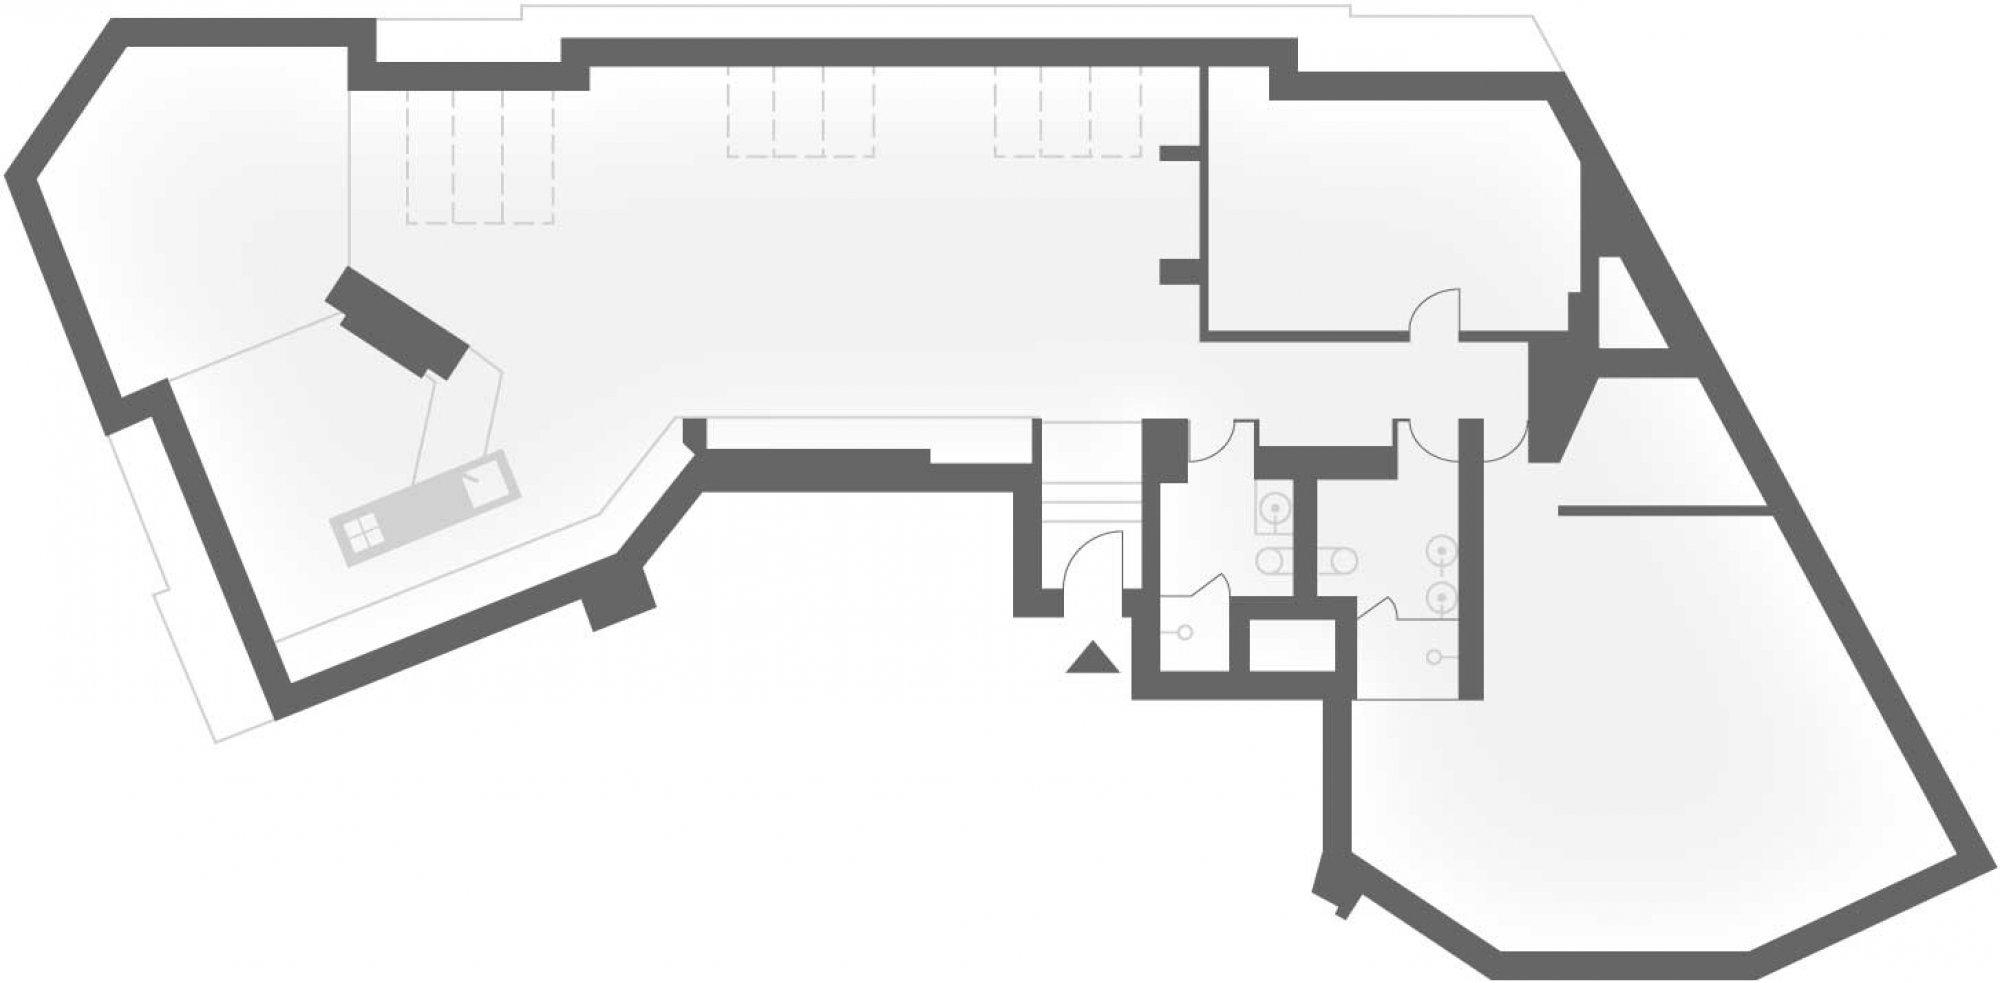 Půdorys - Půdní byt 4+kk, plocha 171 m², ulice Navrátilova, Praha 1 - Nové Město